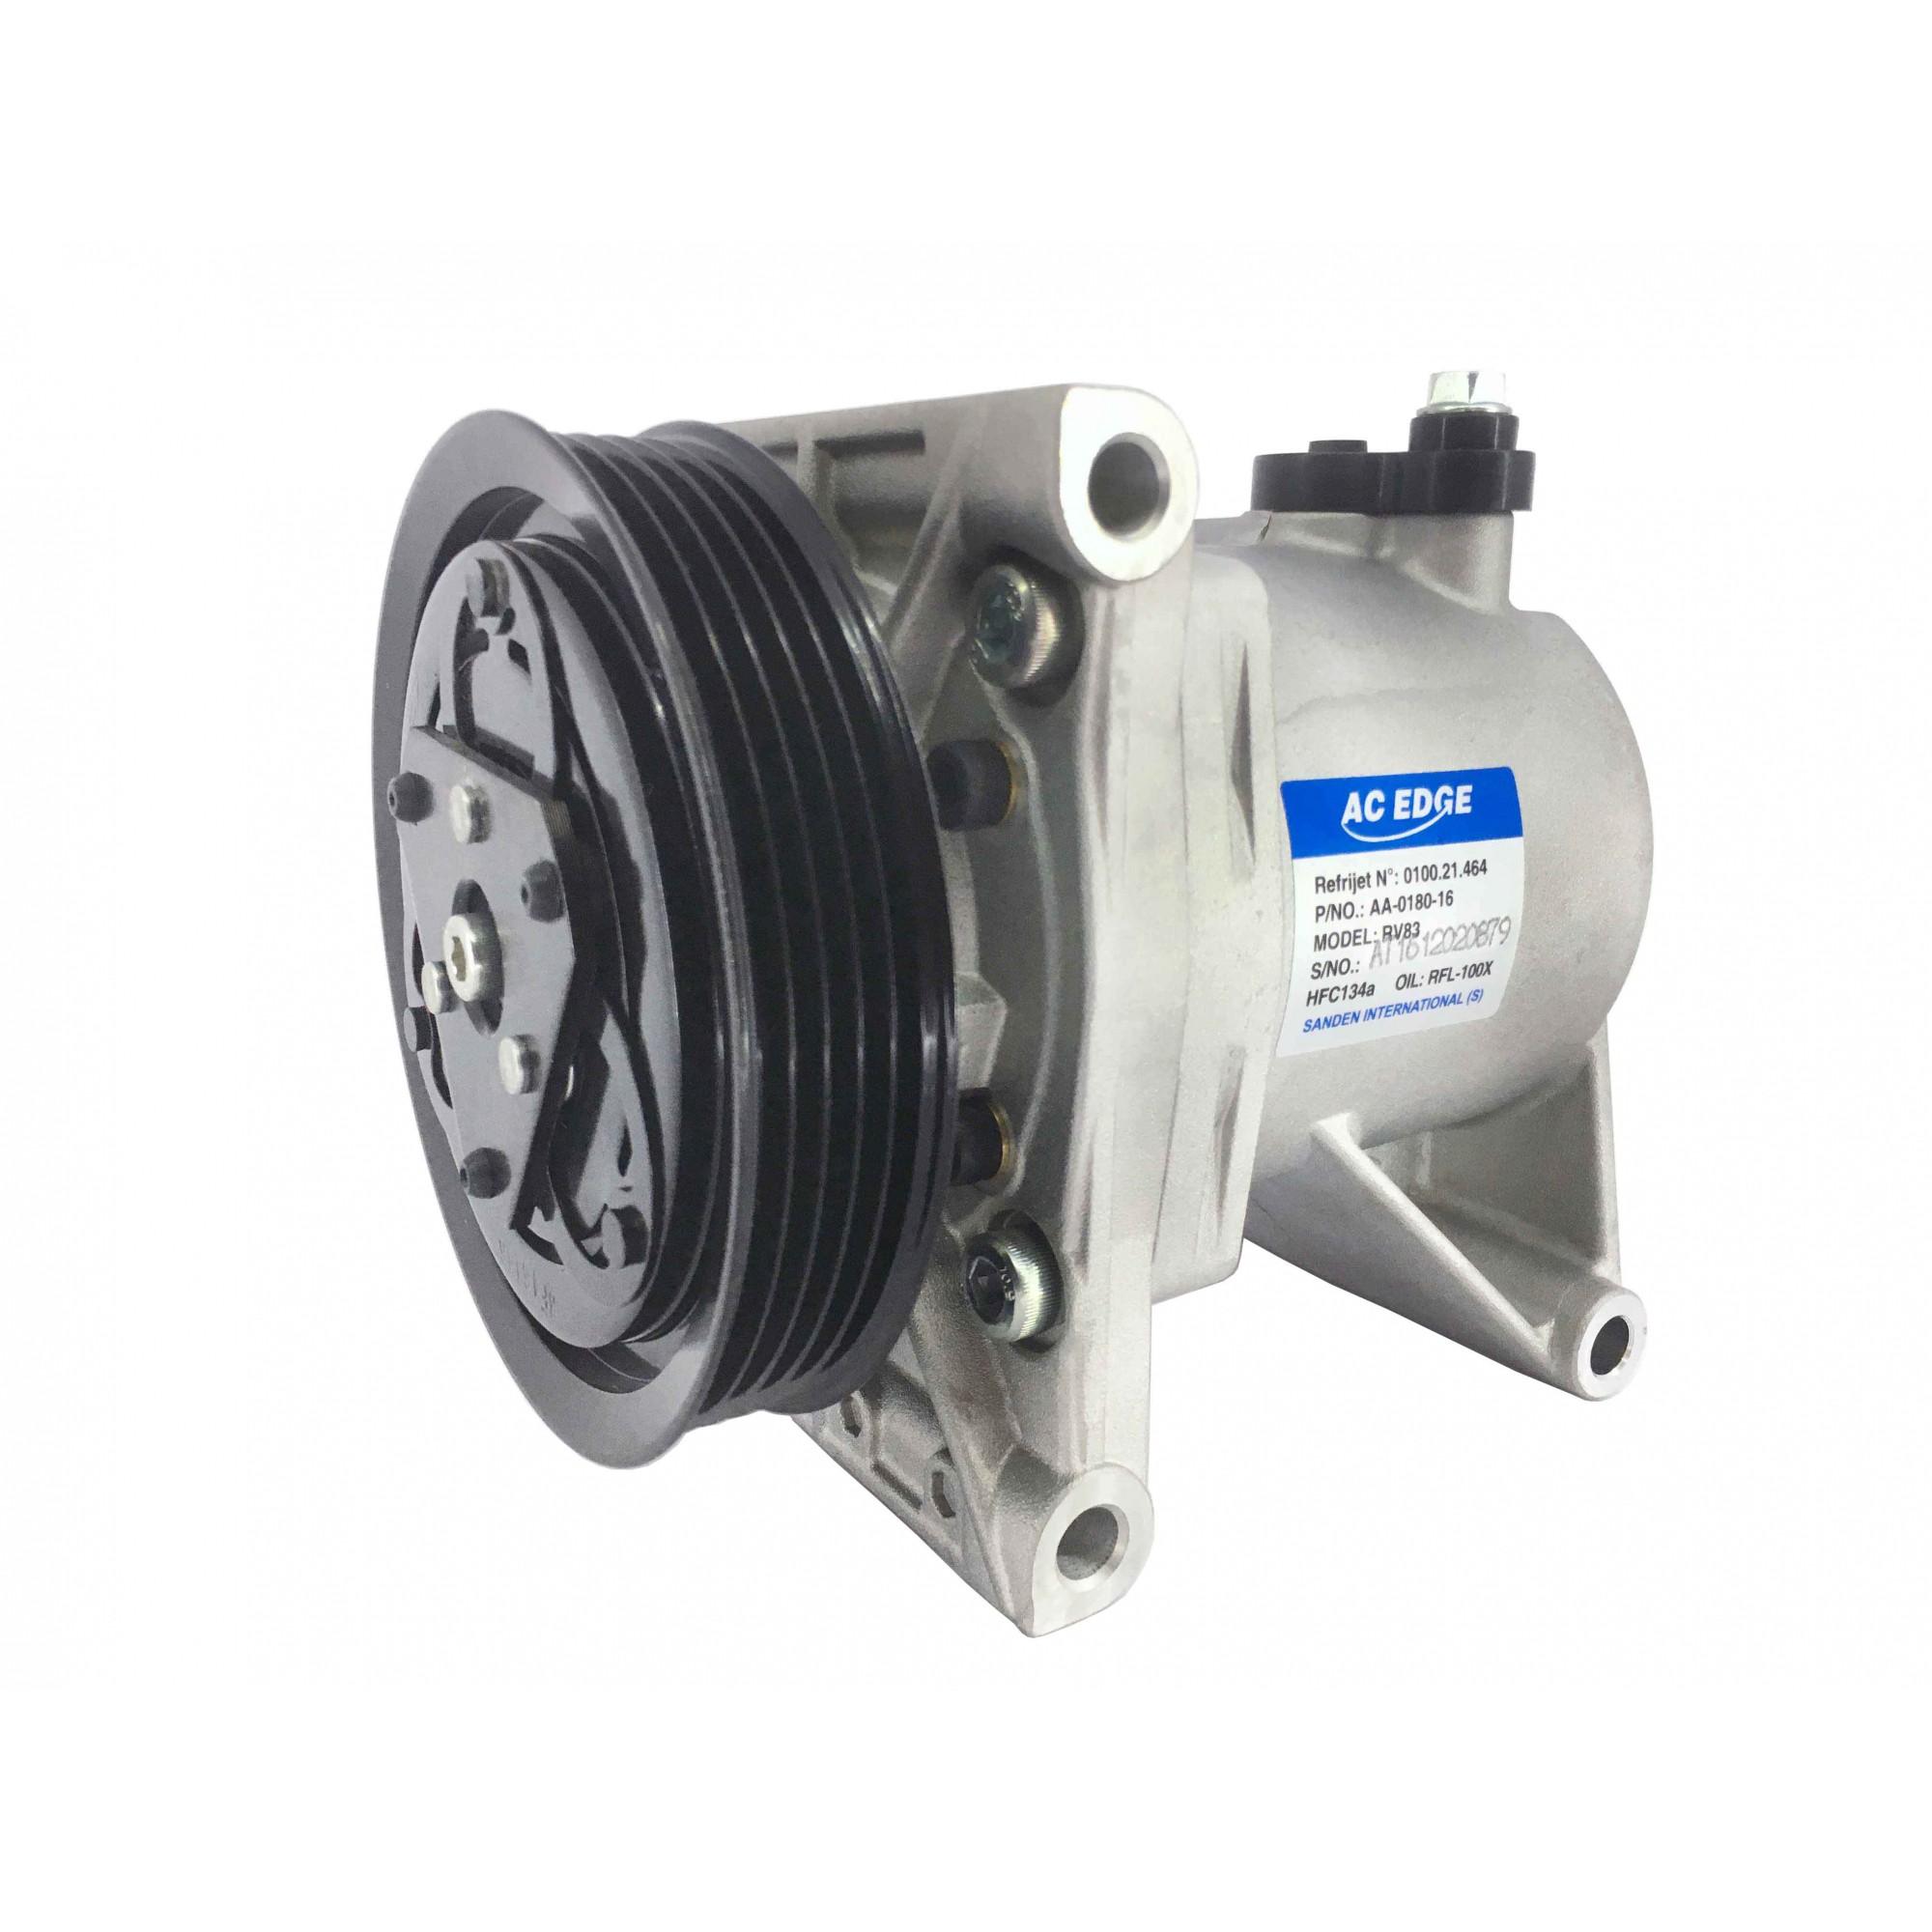 Compressor Calsonic Uno / Palio / Strada / Siena / Doblo / Punto - Original SANDEN